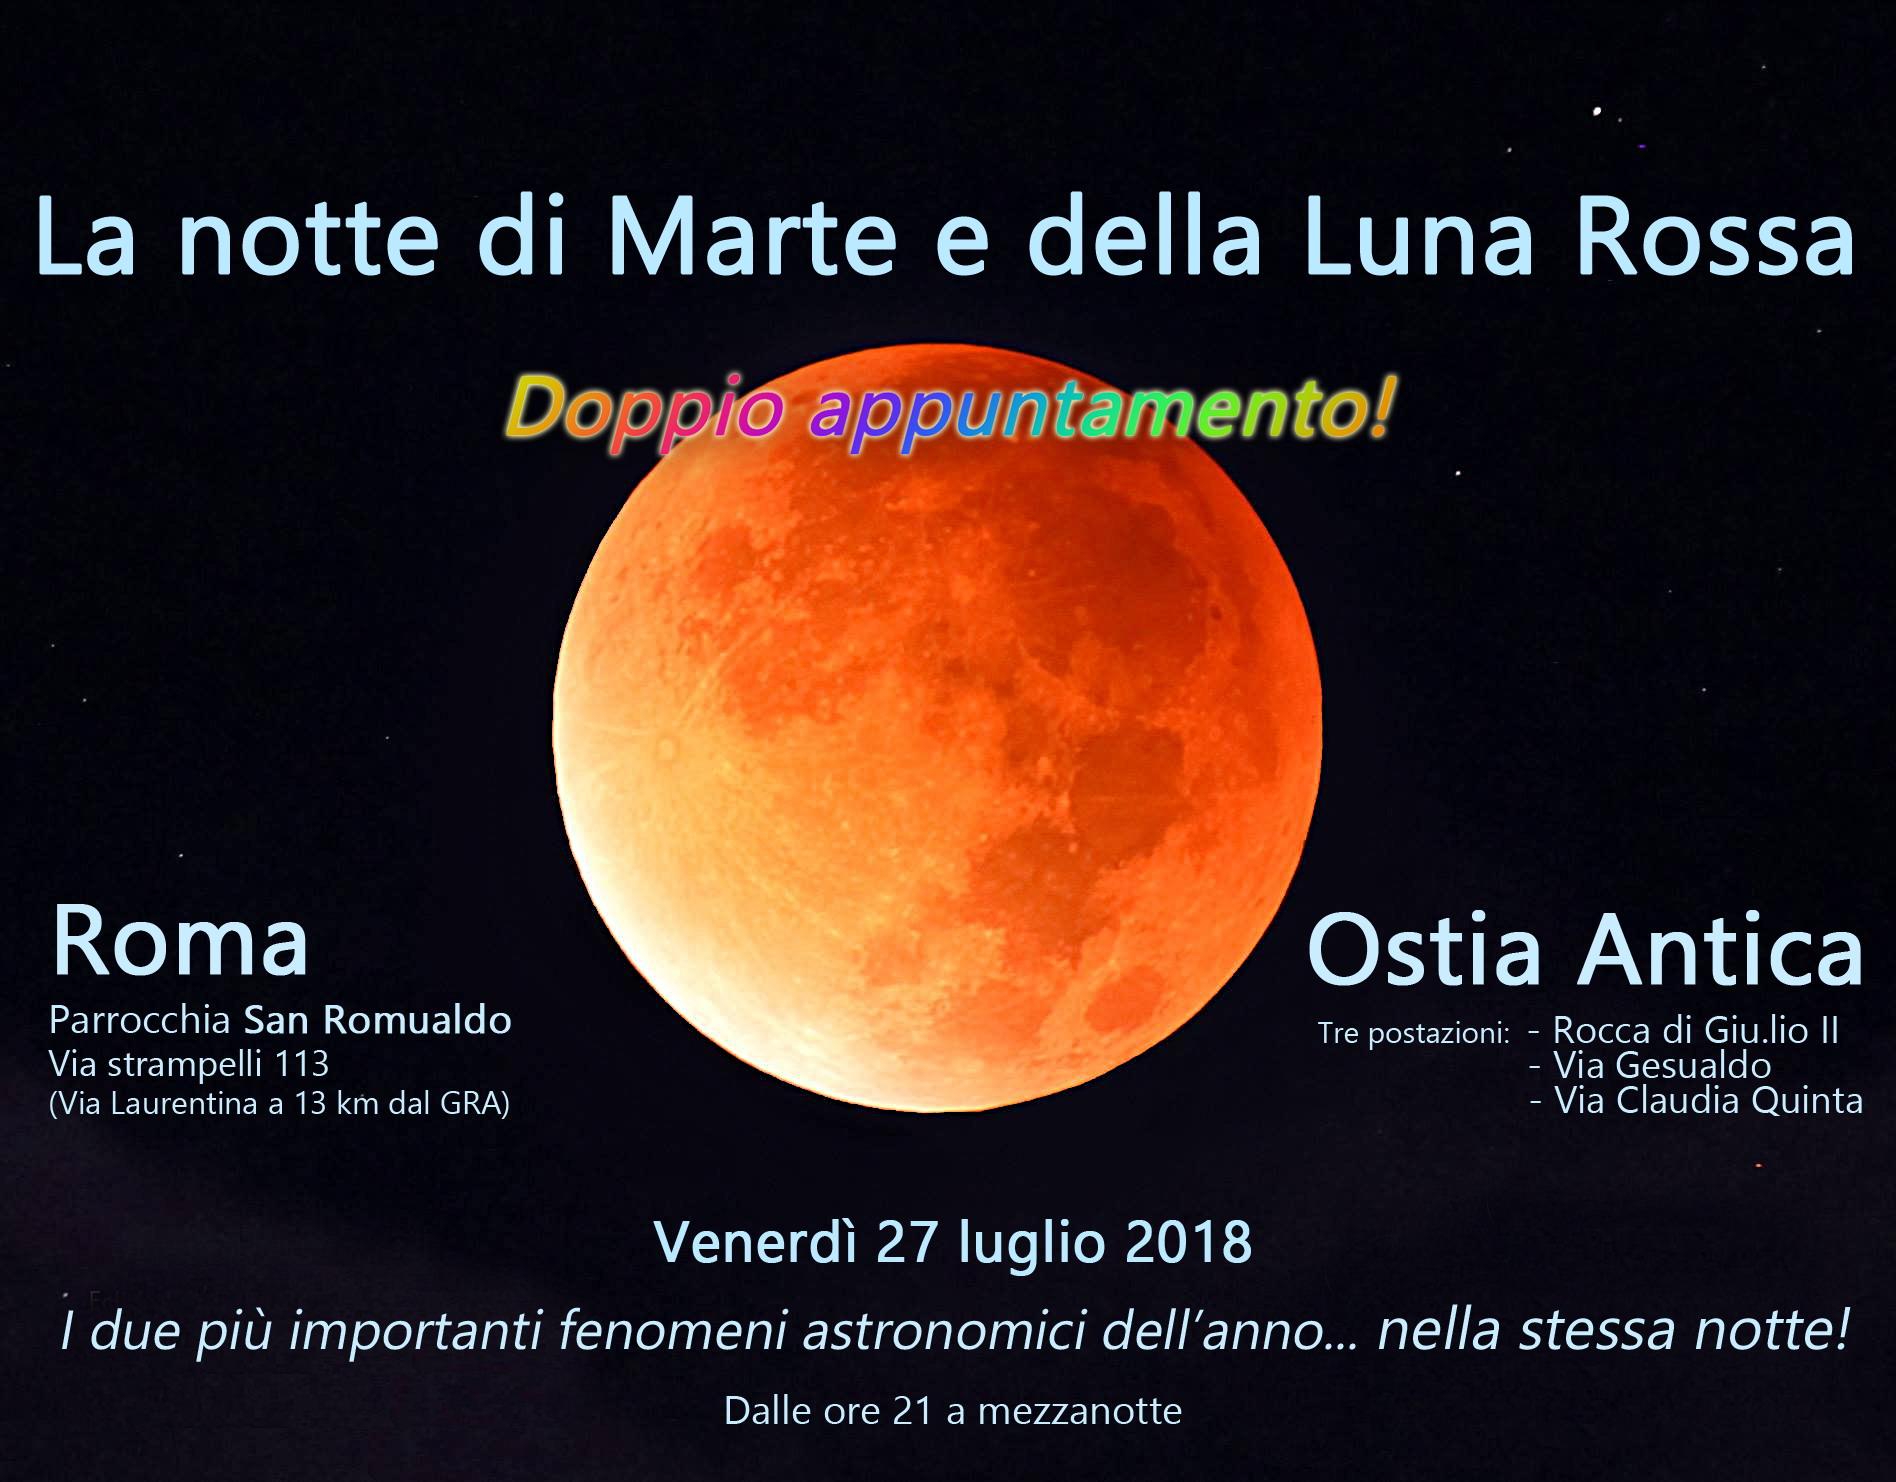 Locandina degli eventi a Roma e al Borgo di Ostia Antica per l'Eclissi di Luna e l'Opposizione di Marte